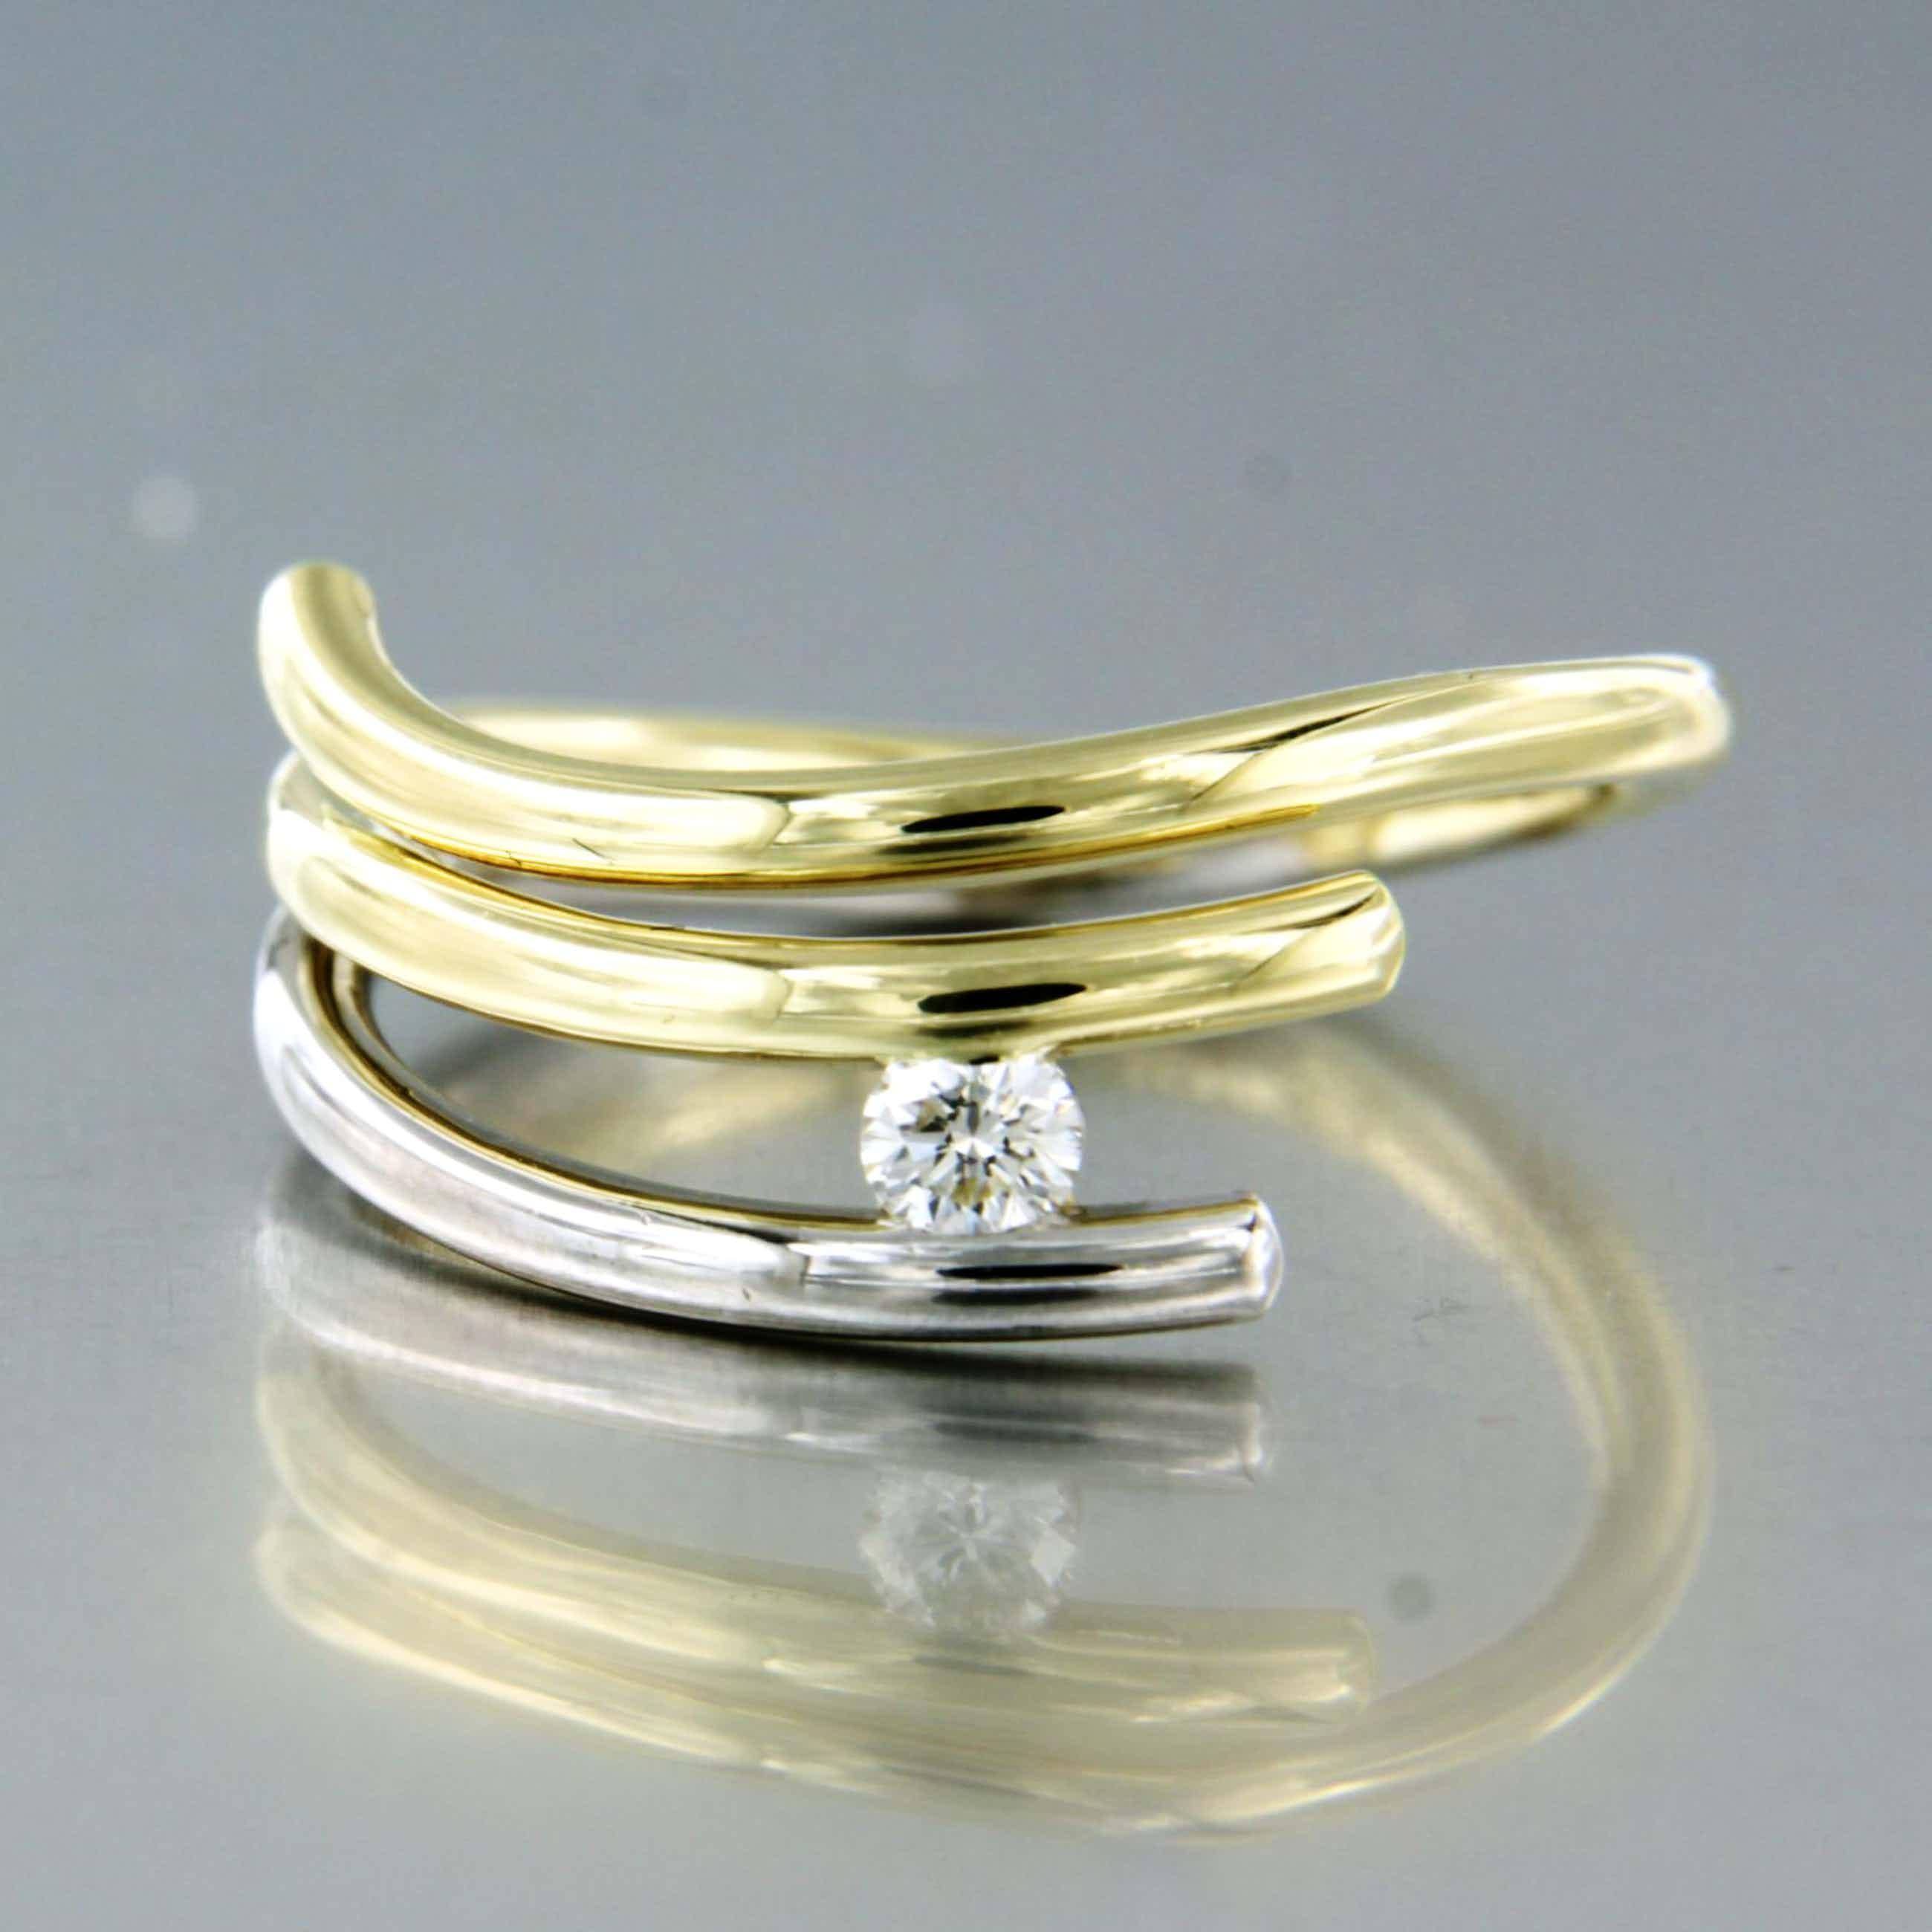 14K Goud - bicolor ring bezet met briljant geslepen diamant, ringmaat 17 (53) kopen? Bied vanaf 200!